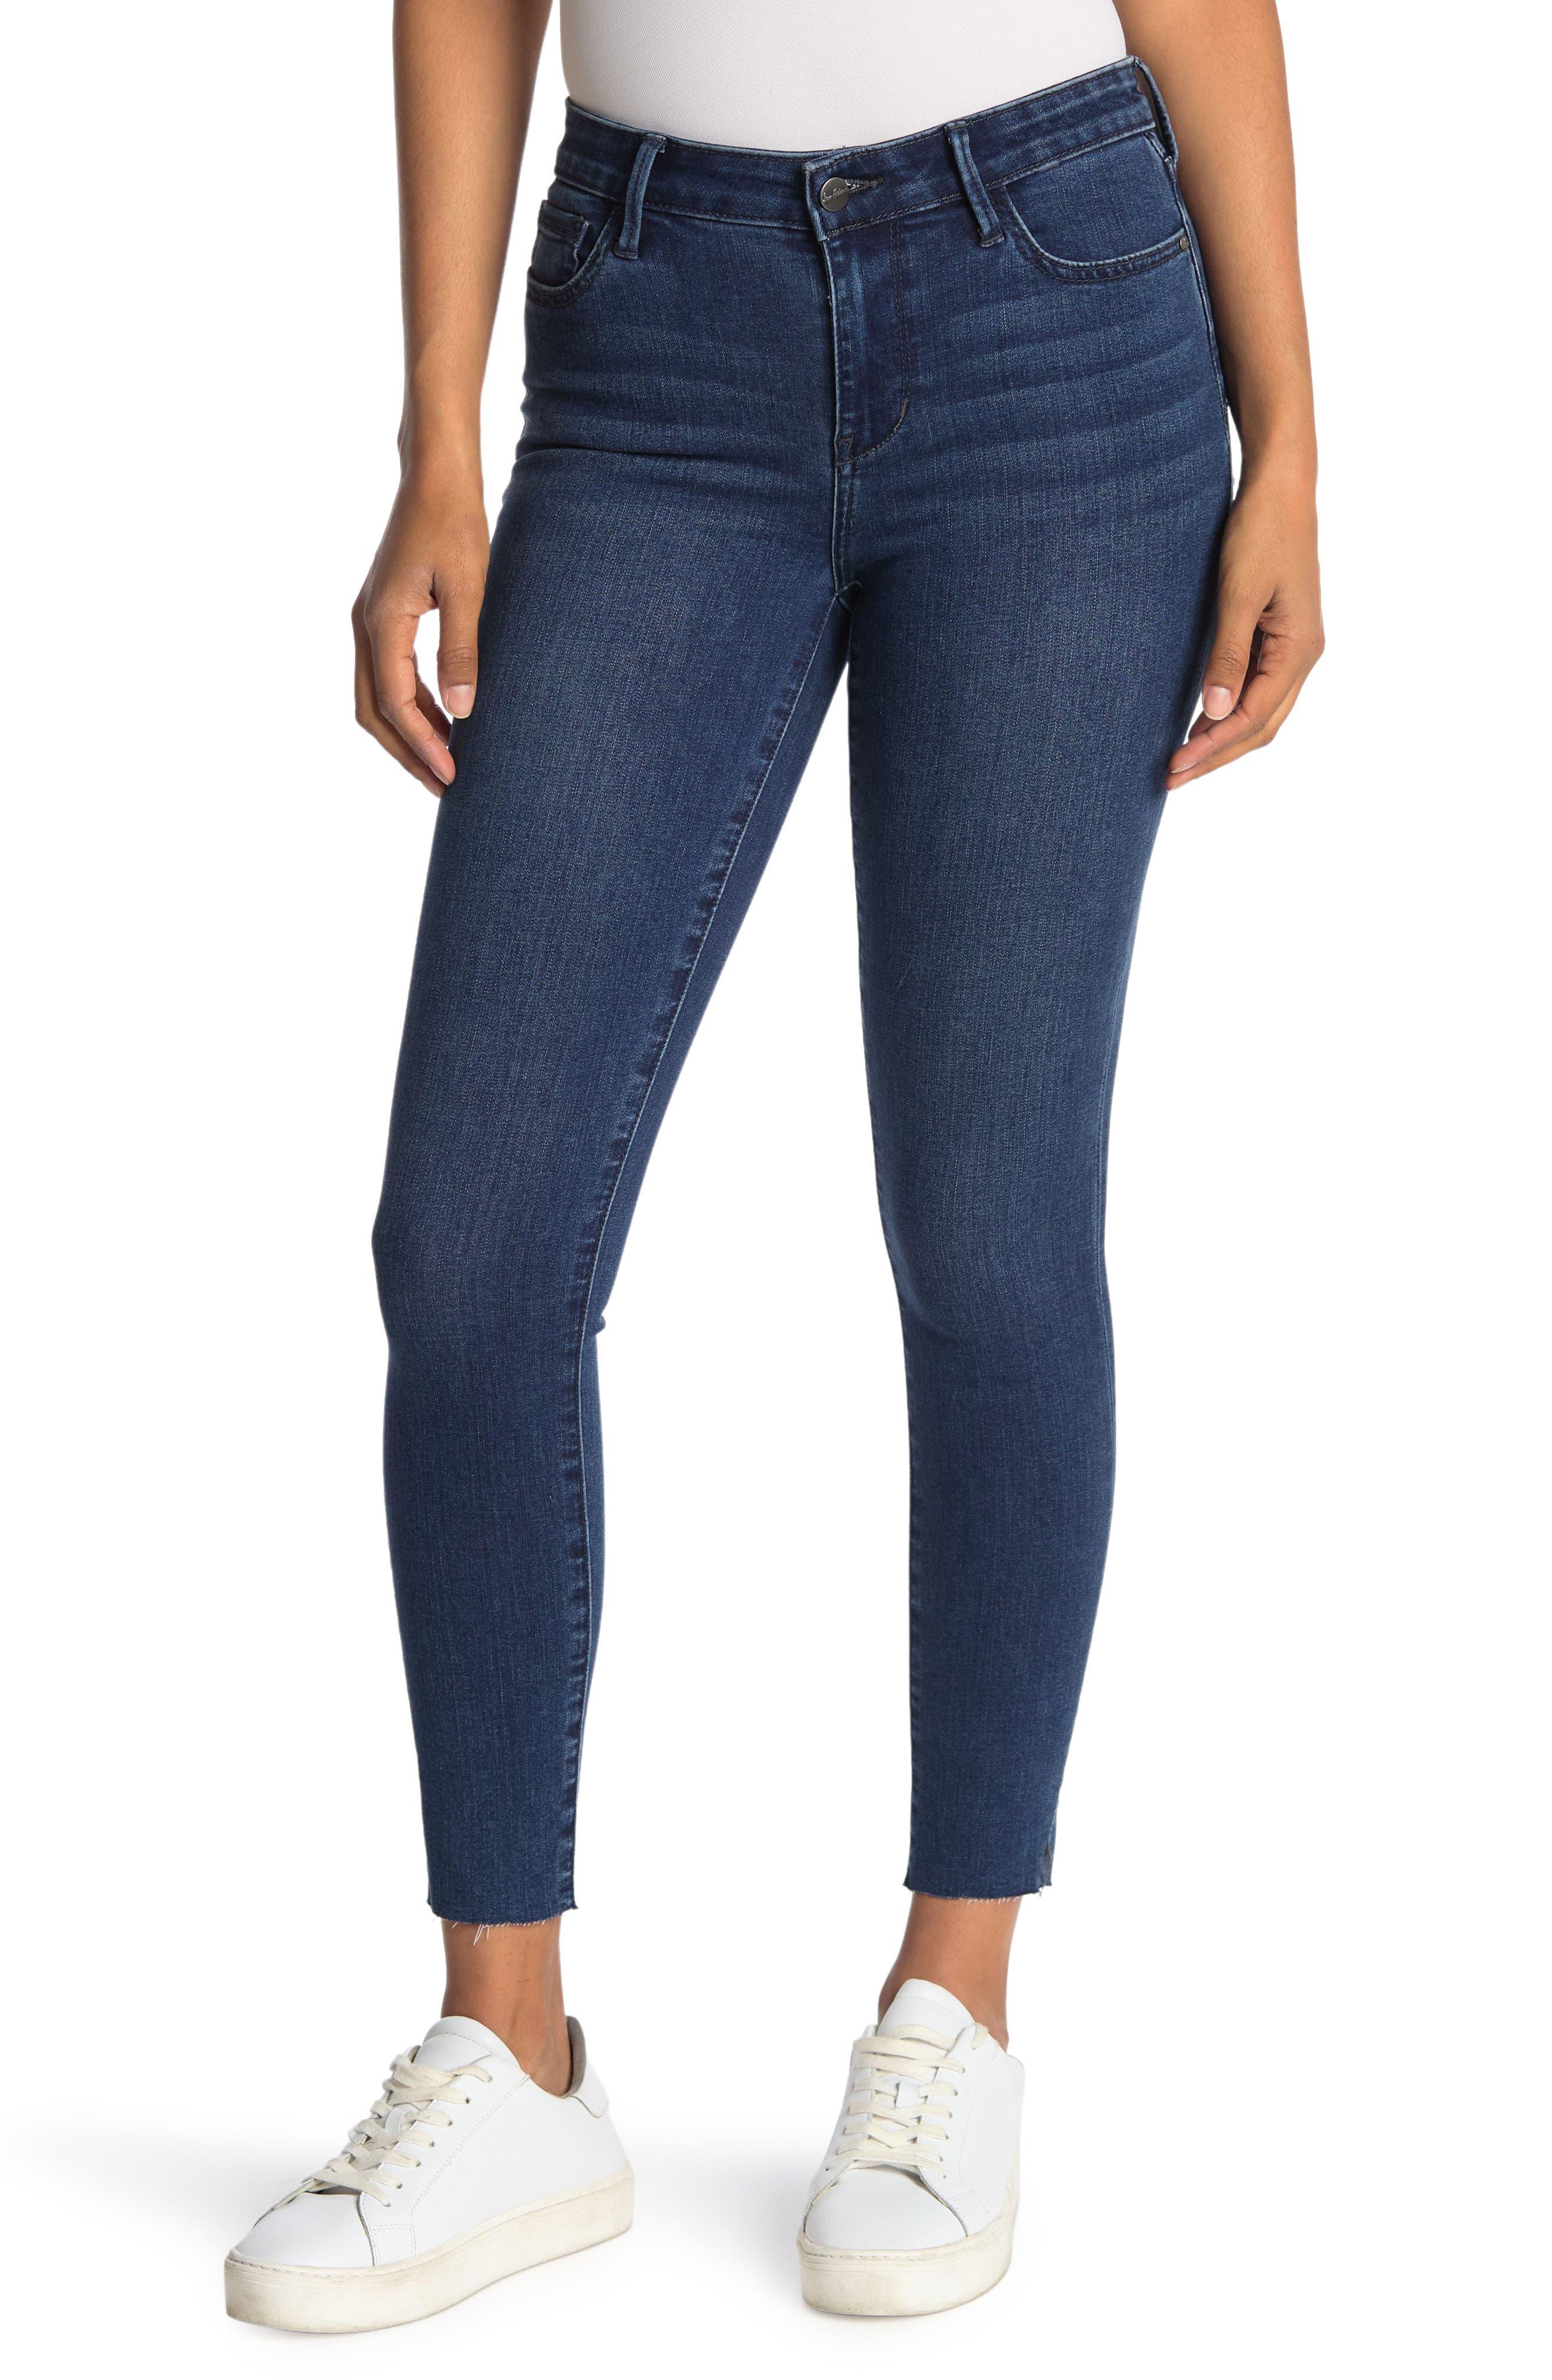 Femme Déchiré Stretch Jegging Jeans Pantalon Décontracté Skinny Pantalon Slim Leggings